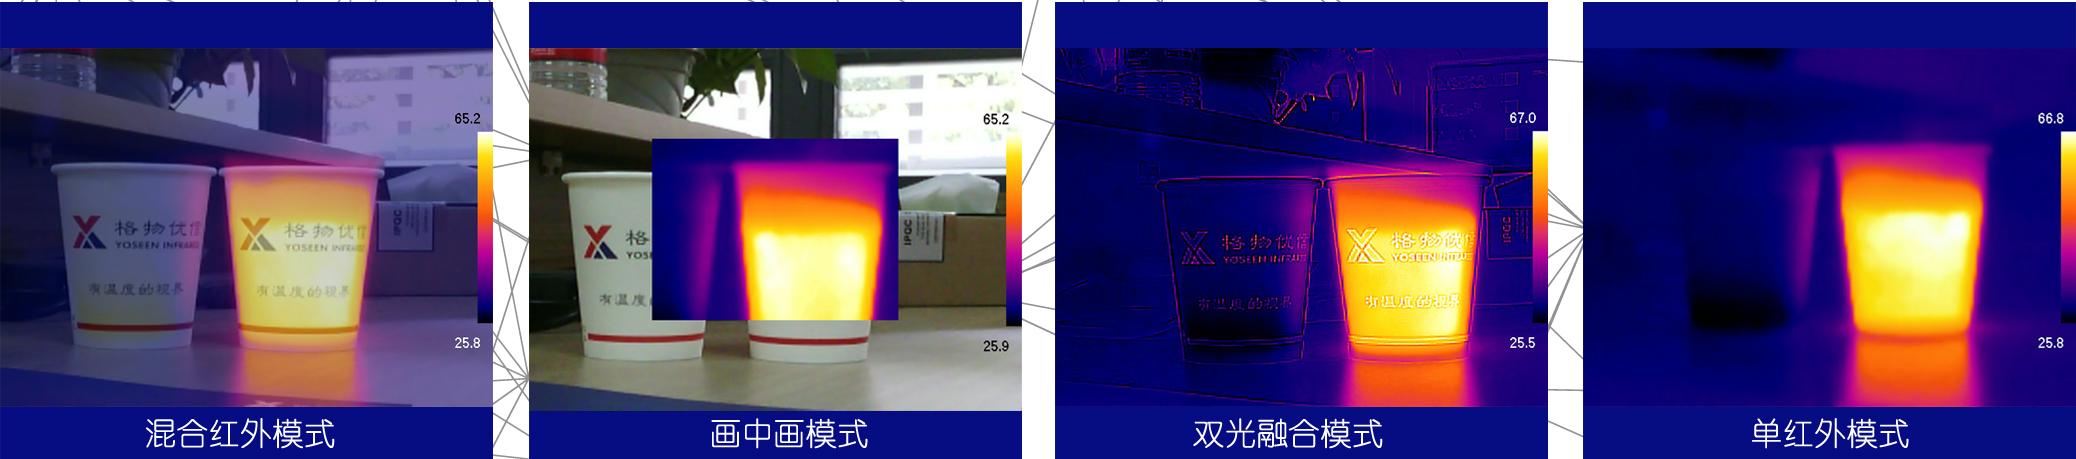 热成像双光谱卡片式摄像机